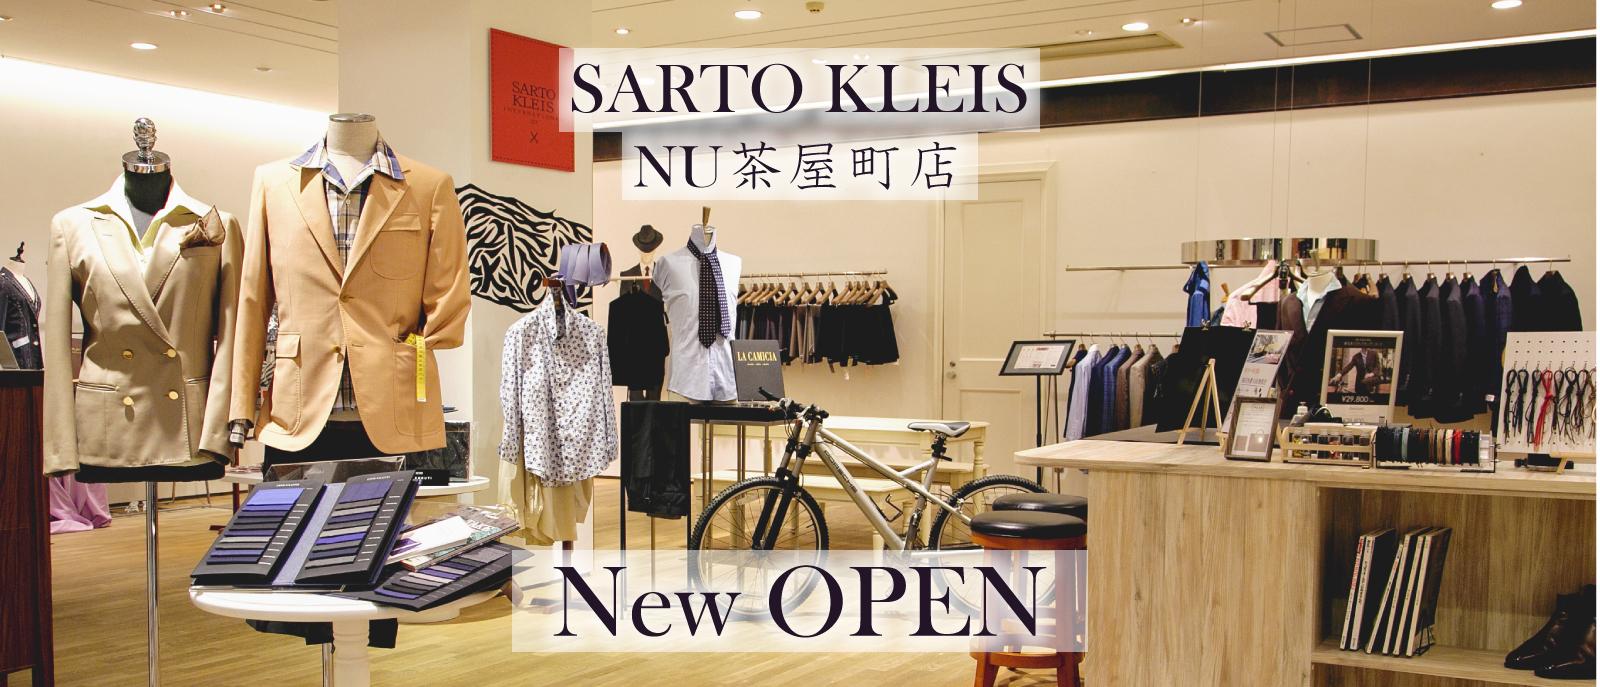 サルトクレイス NU茶屋町店 New Open